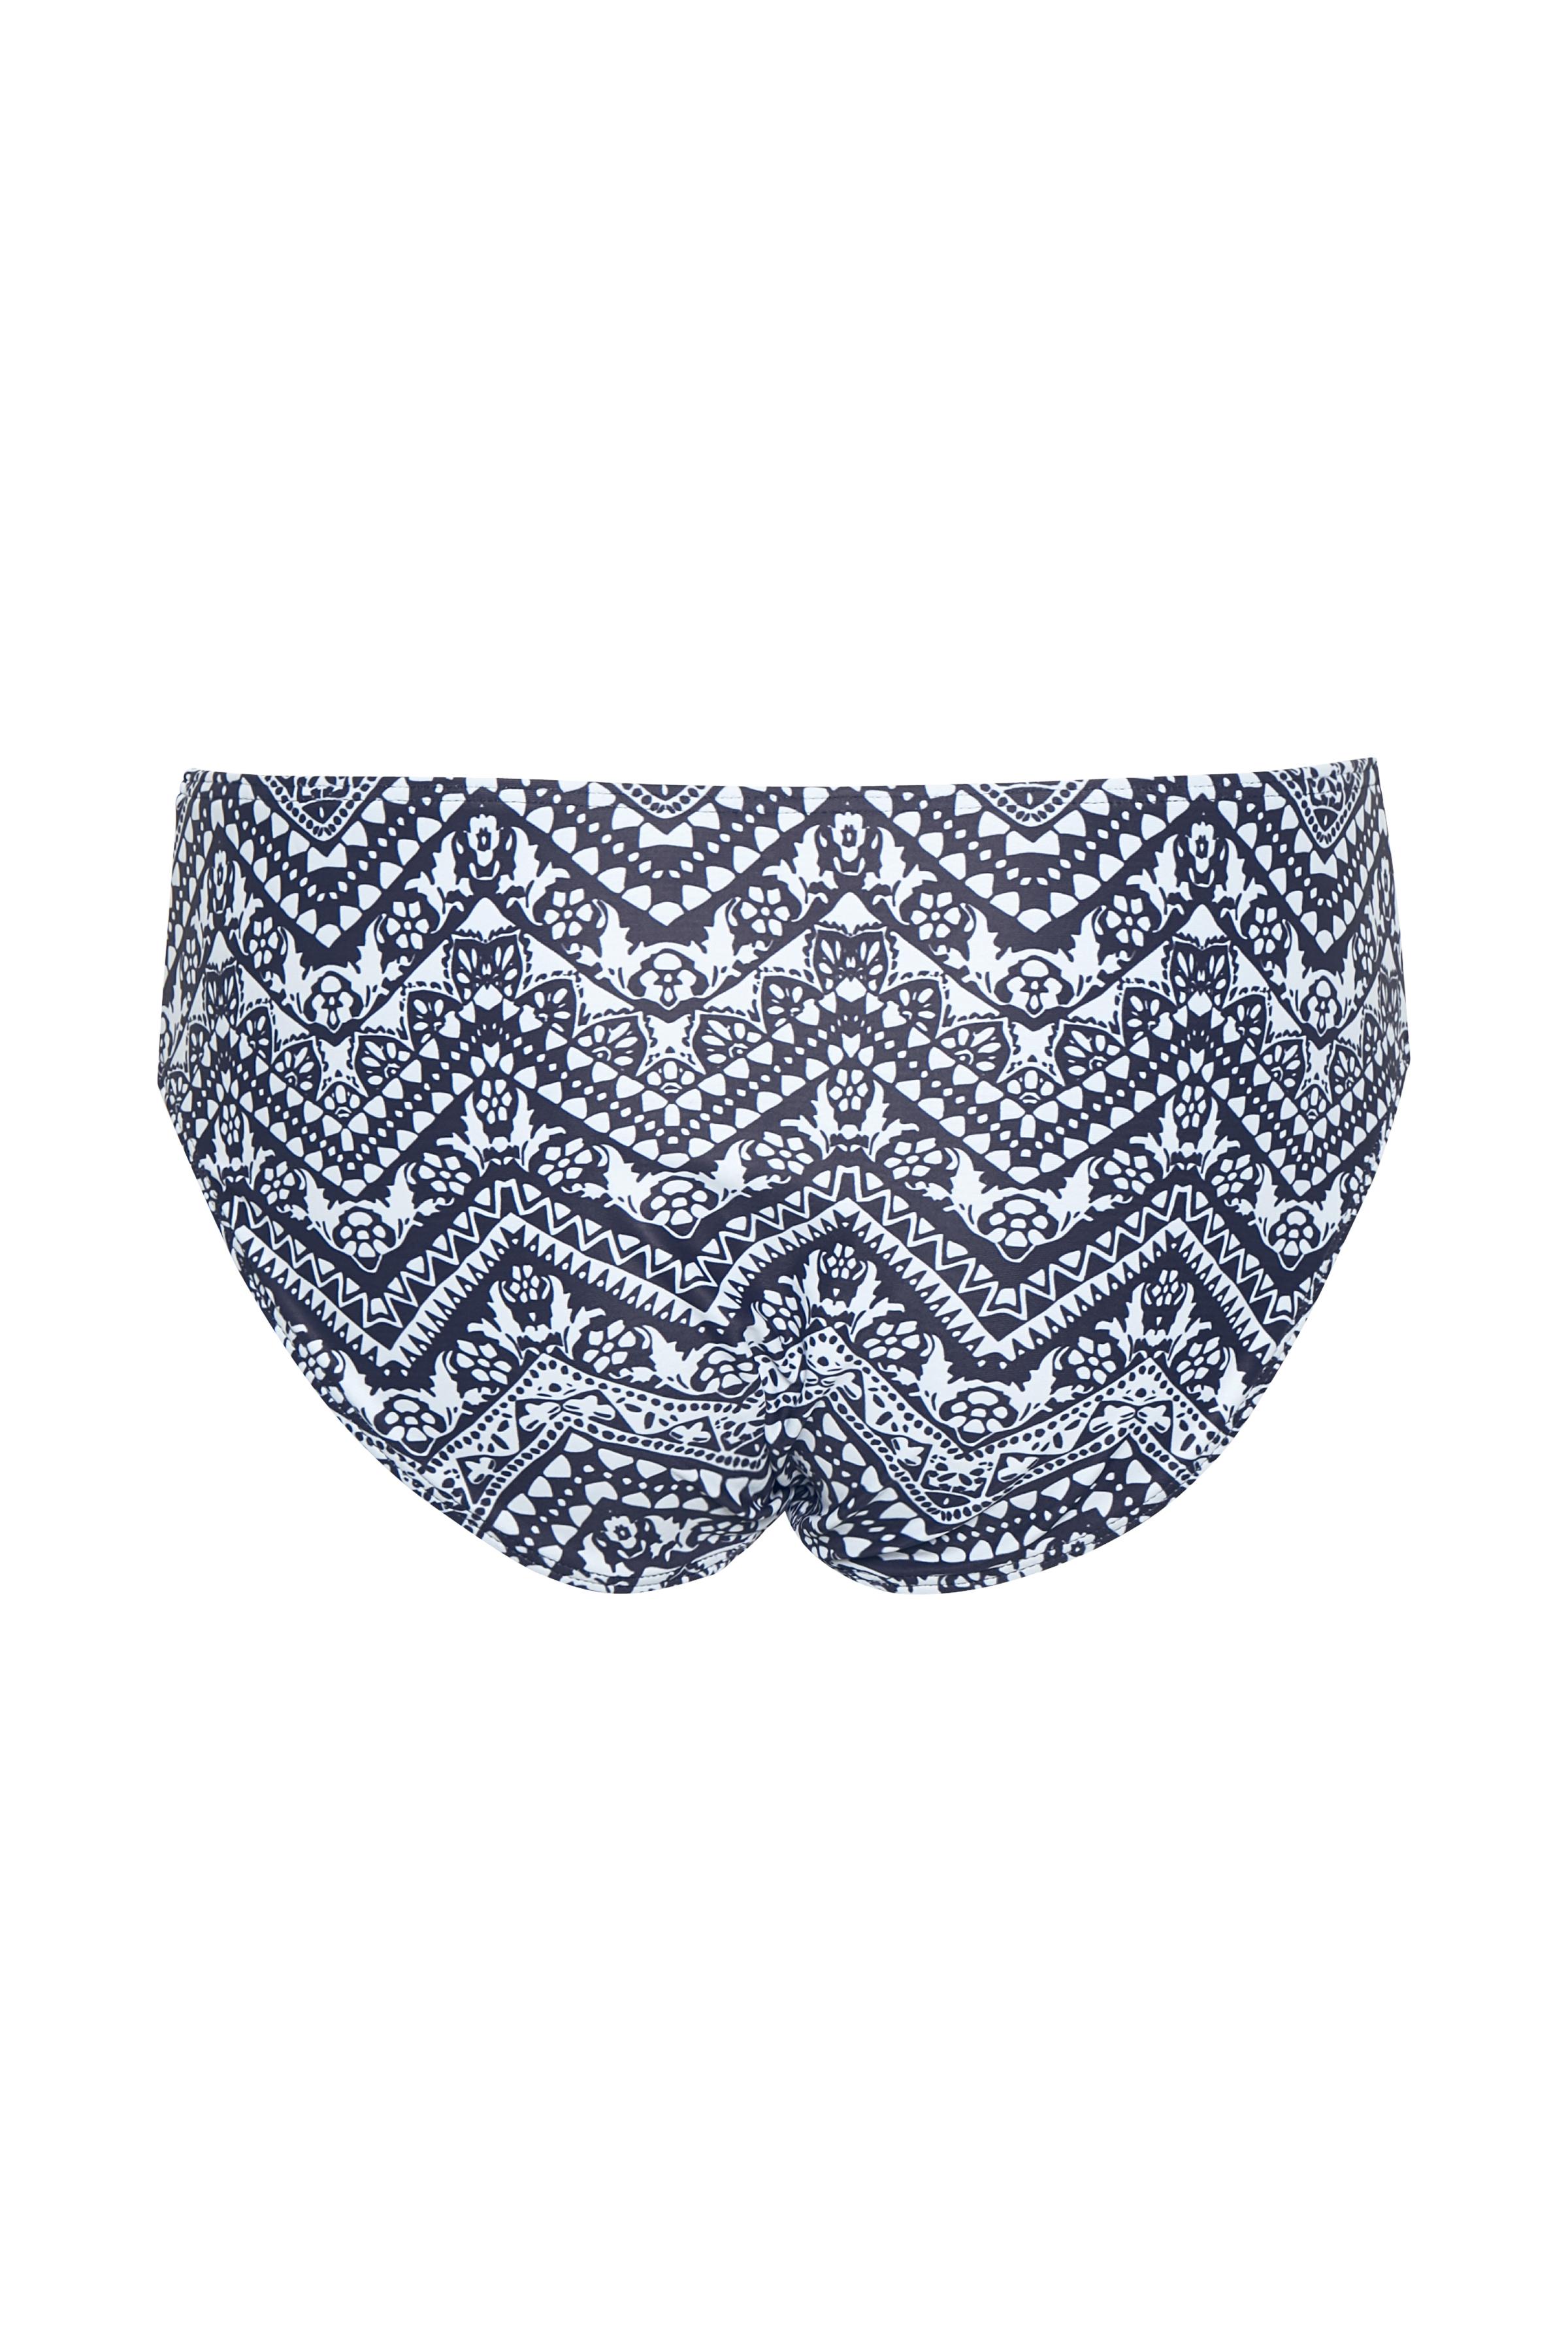 Marineblau/weiss Bikini-Höschen von Bon'A Parte – Shoppen SieMarineblau/weiss Bikini-Höschen ab Gr. 36-48 hier